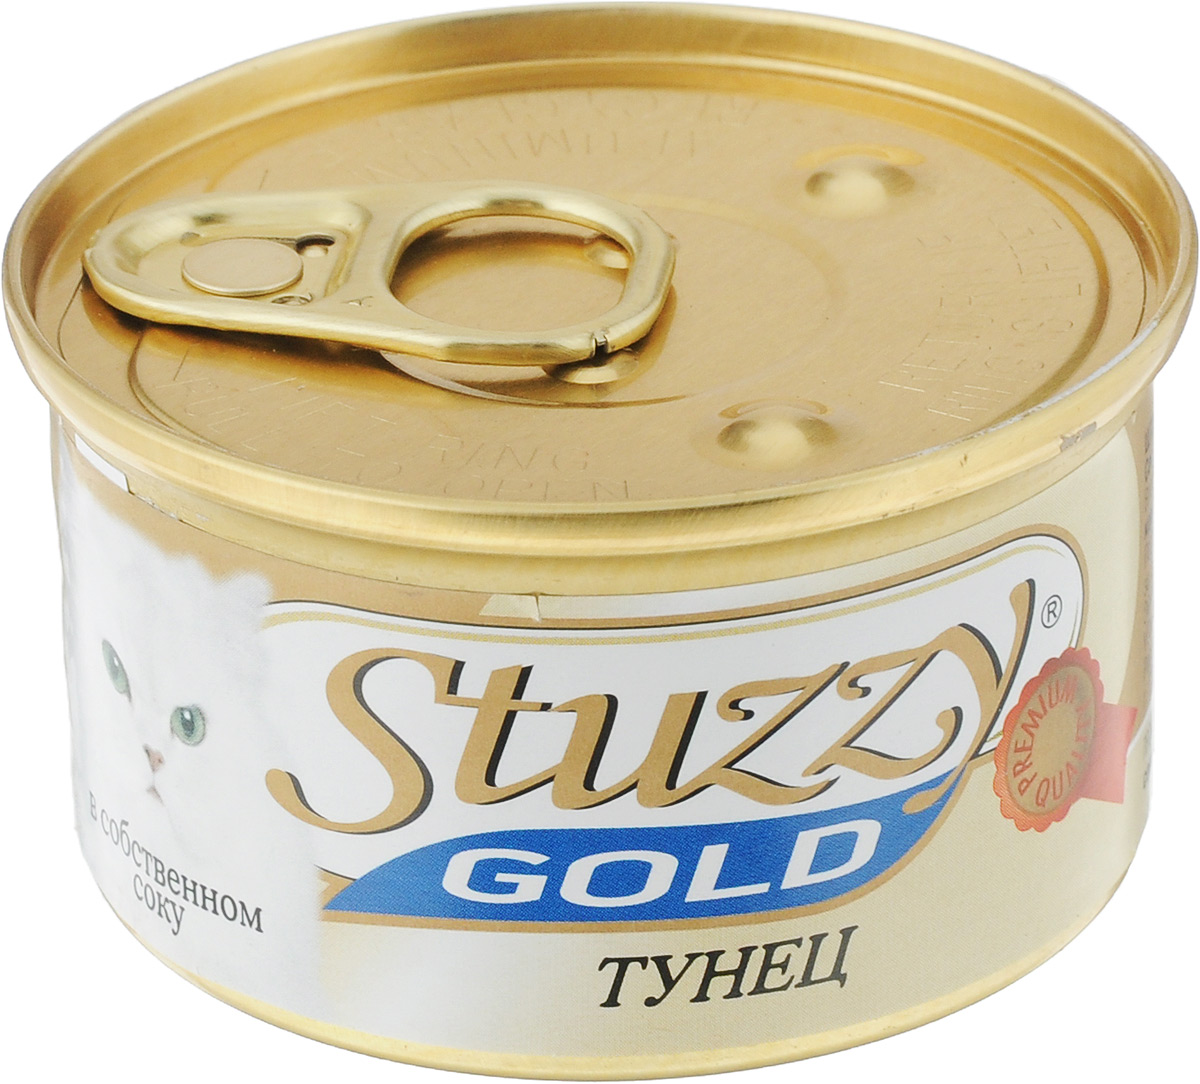 Консервы для кошек Stuzzy Gold, тунец в собственном соку, 85 г консервы для взрослых кошек stuzzy gold с кроликом 85 г